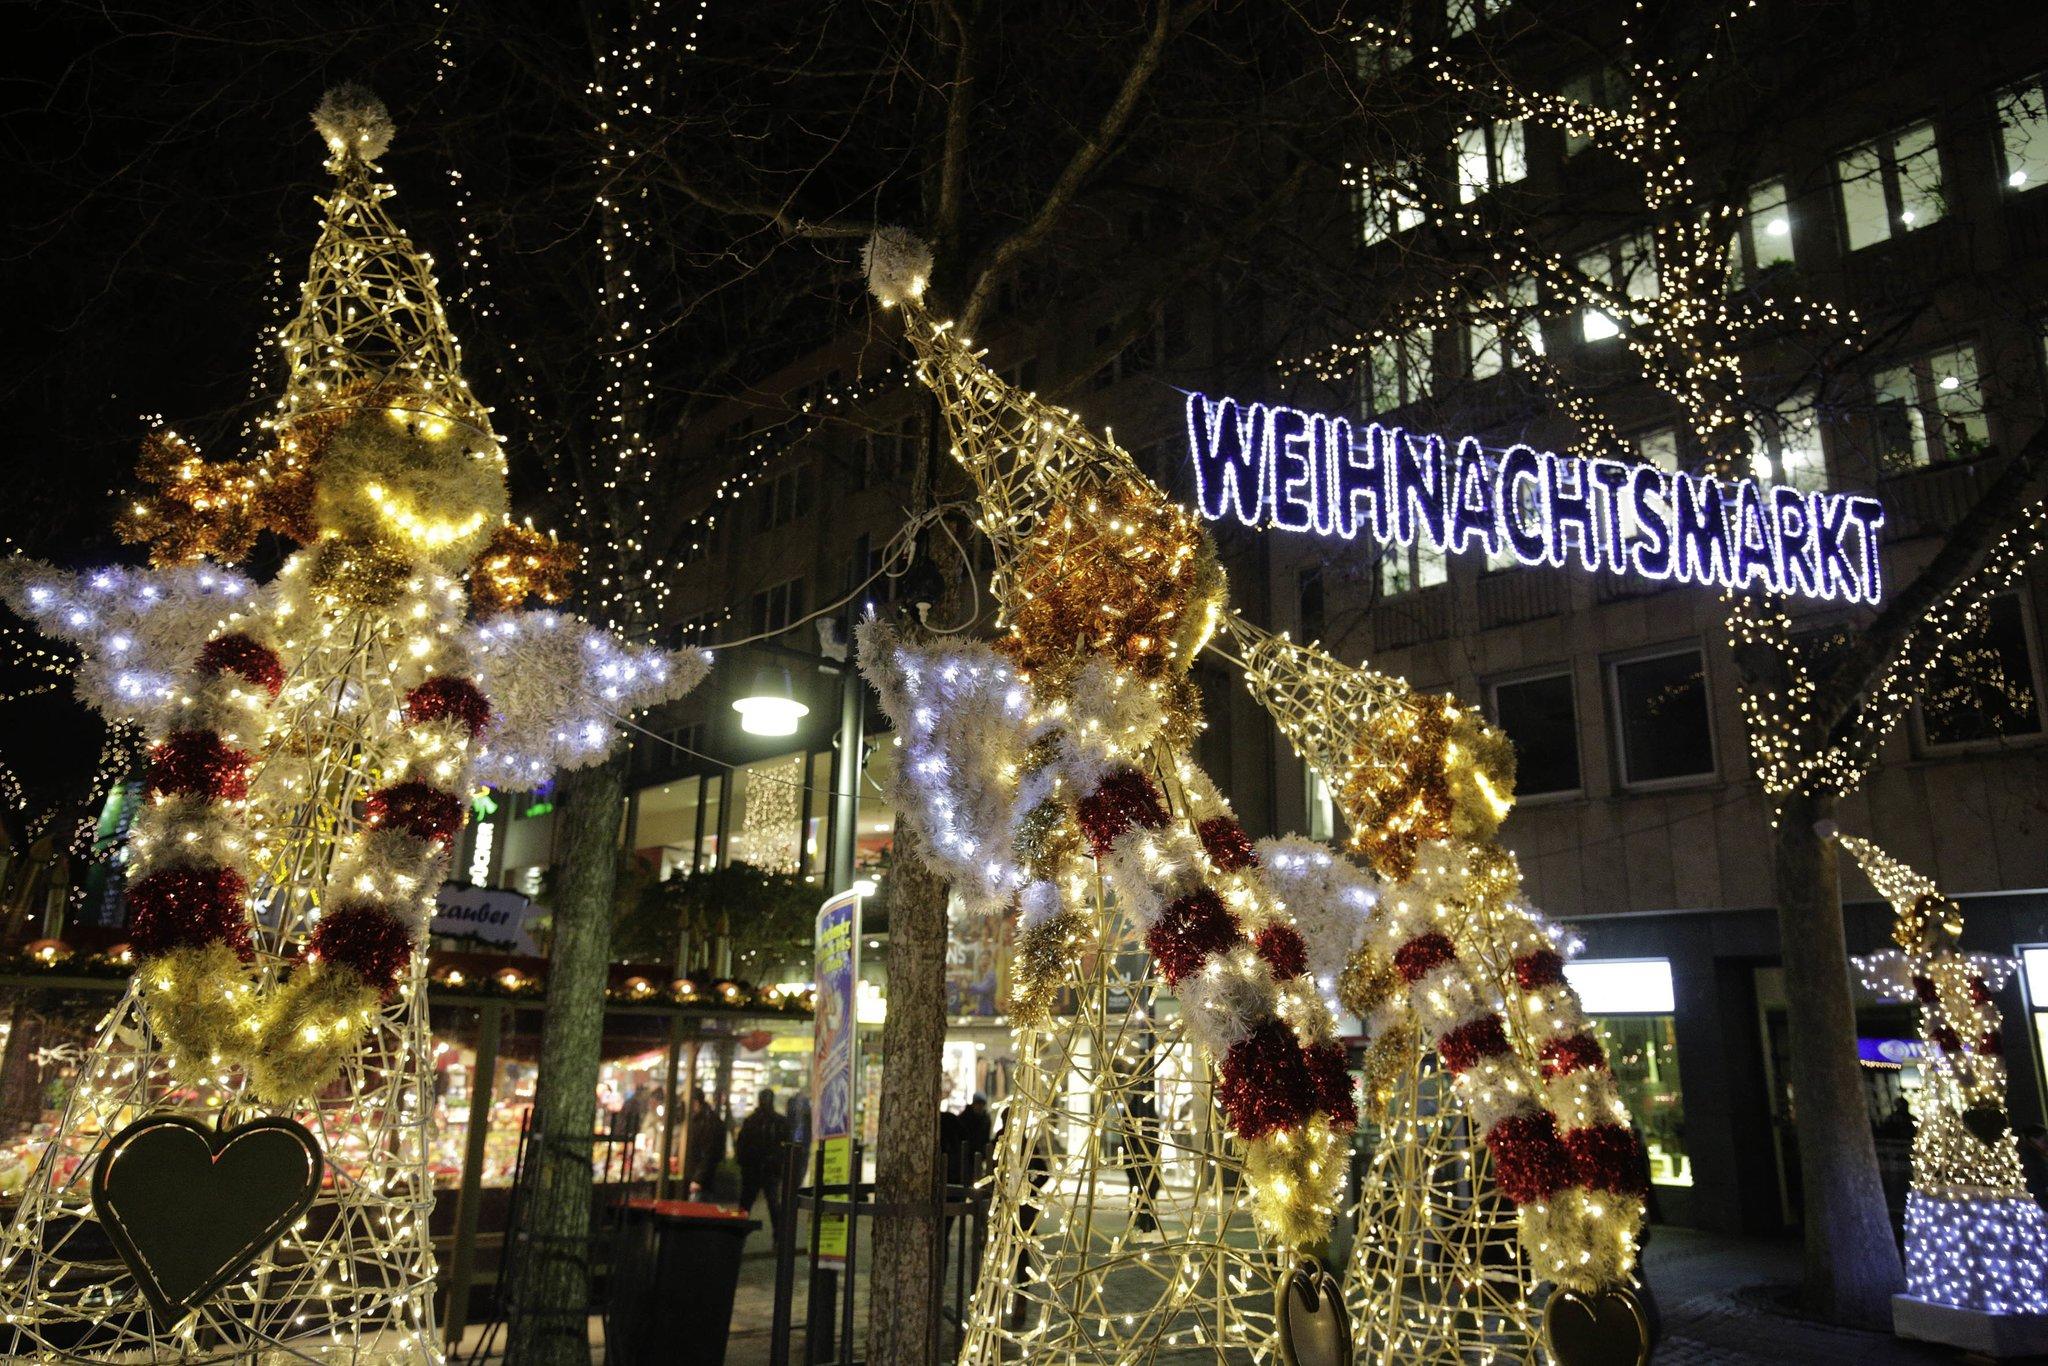 Pforzheimer Weihnachtsmarkt.Weihnachtszauber In Der Goldstadt Pforzheim